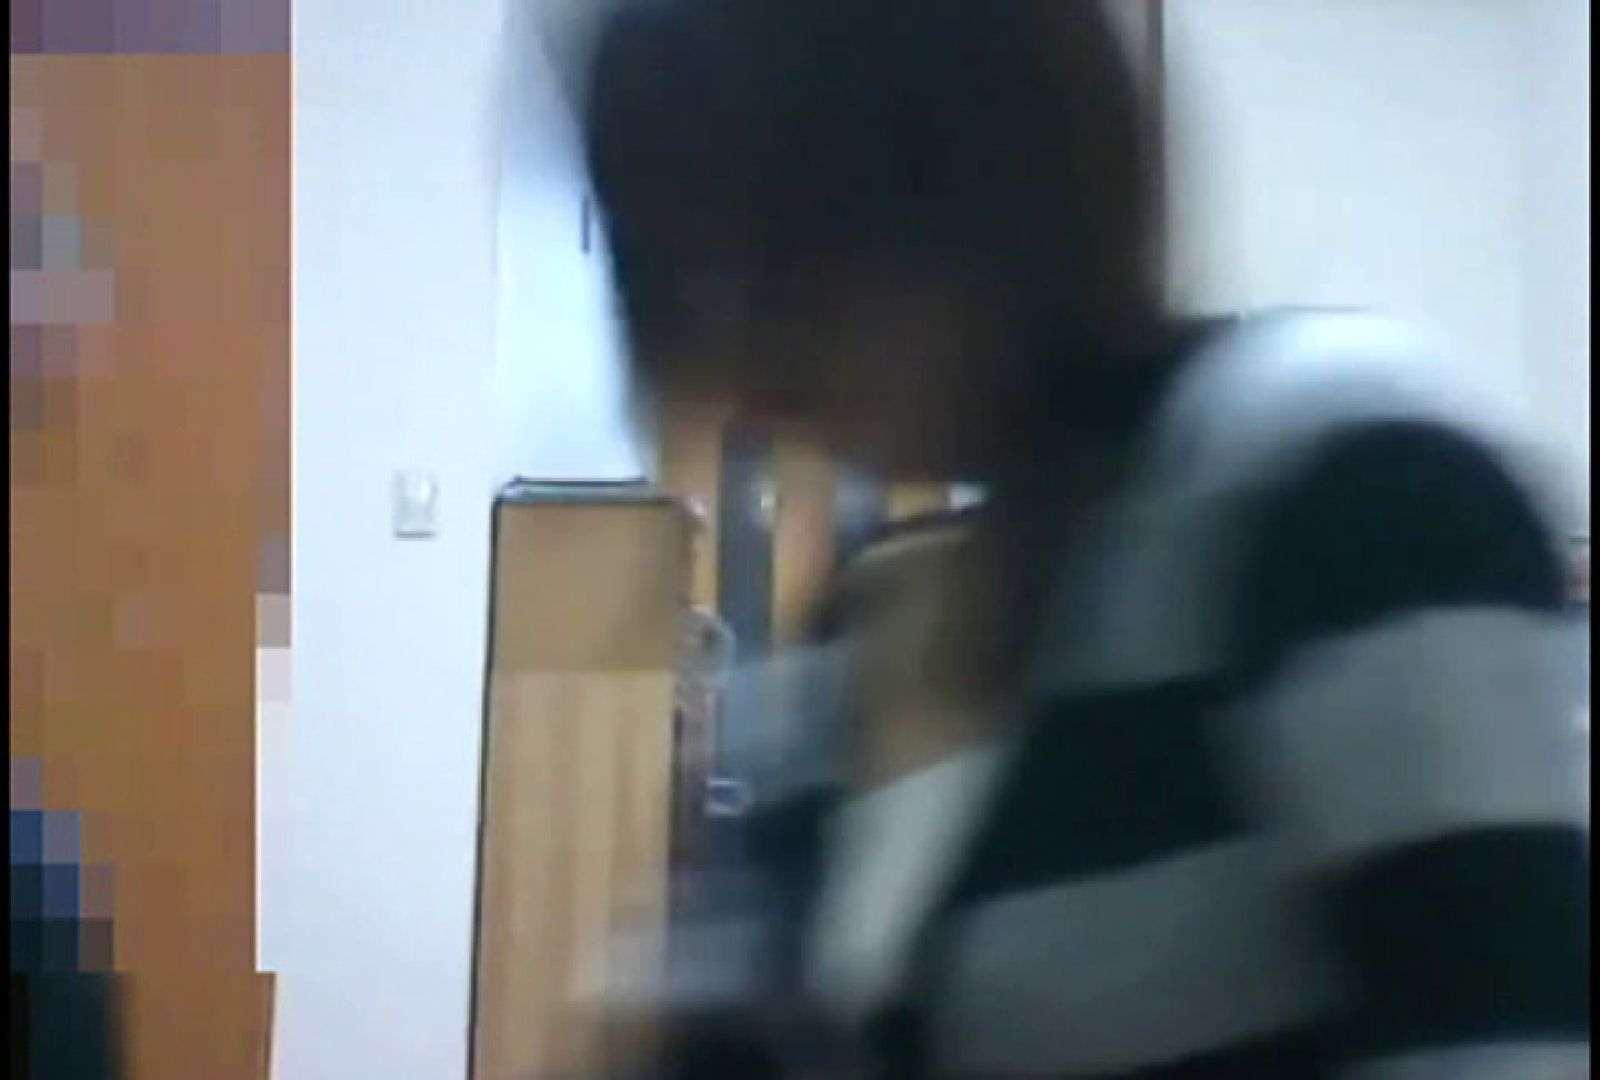 電魔王さんの「盗撮の部屋」No.1 りかこVol.1 盗撮 | すけべなOL  85画像 37